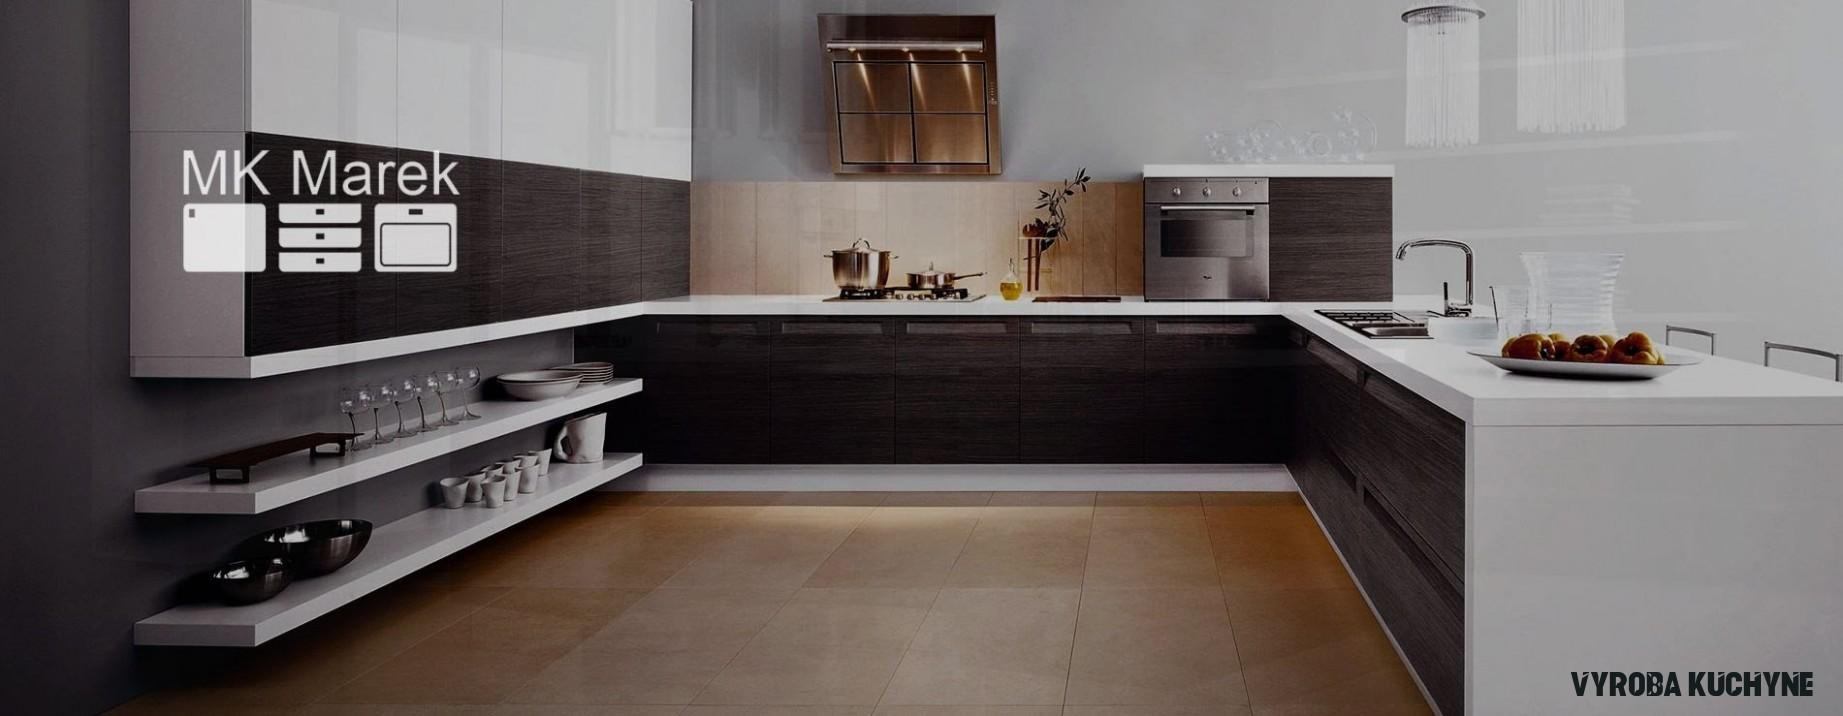 výroba kuchyní Truhlářství - MK Marek kuchyně a interiery